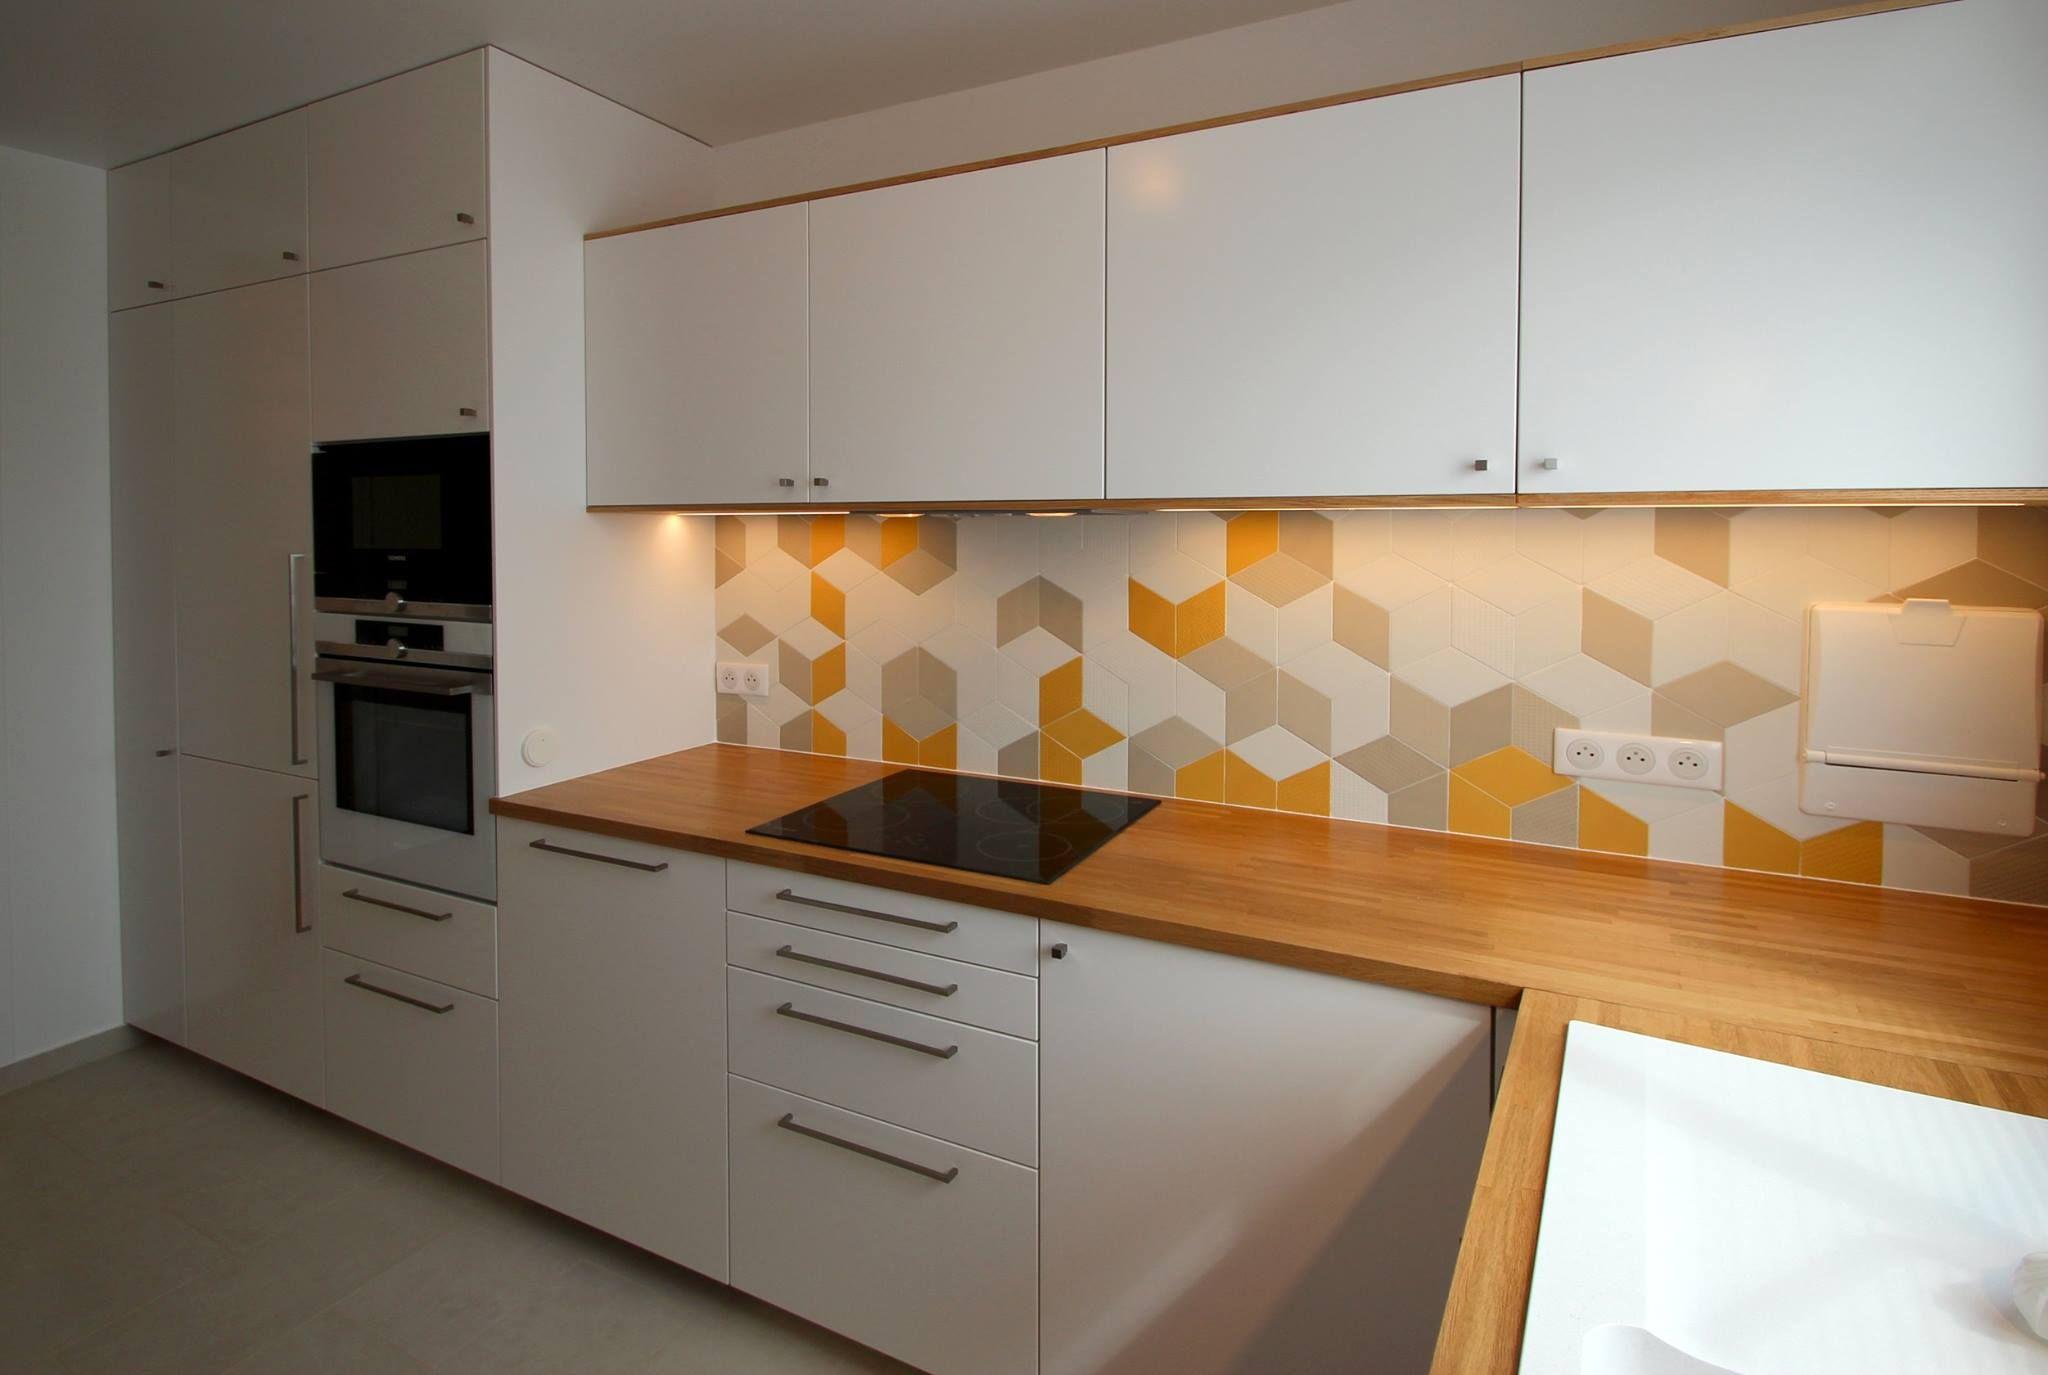 plan de travail en ch ne massif sur mesure sur parquet. Black Bedroom Furniture Sets. Home Design Ideas